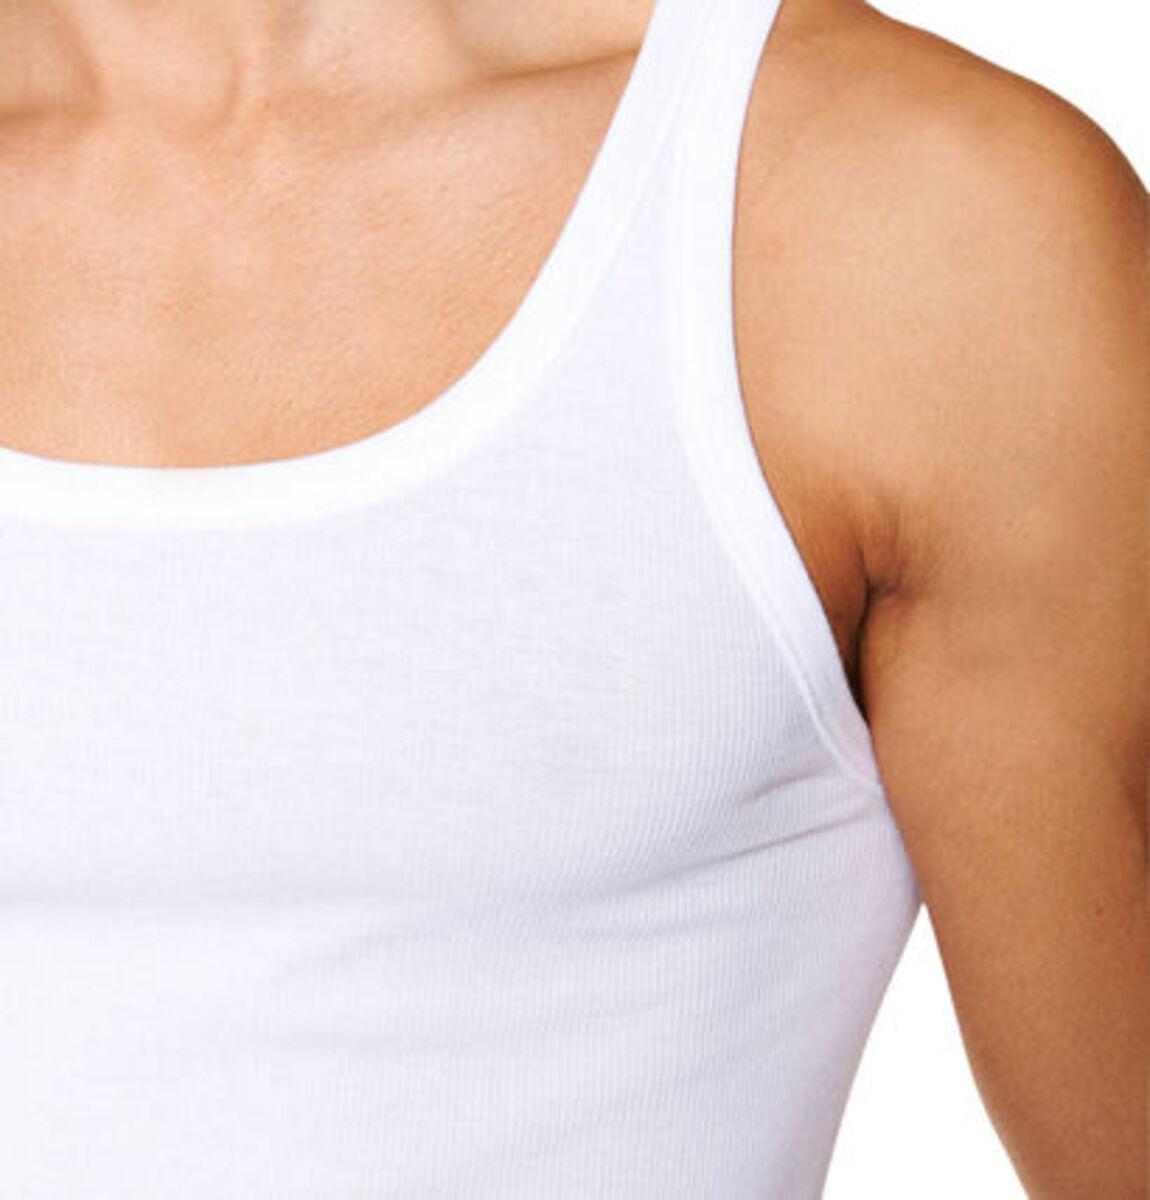 Bild 4 von Schiesser Unterhemd, uni, Doppelripp, Baumwolle, 2er-Pack